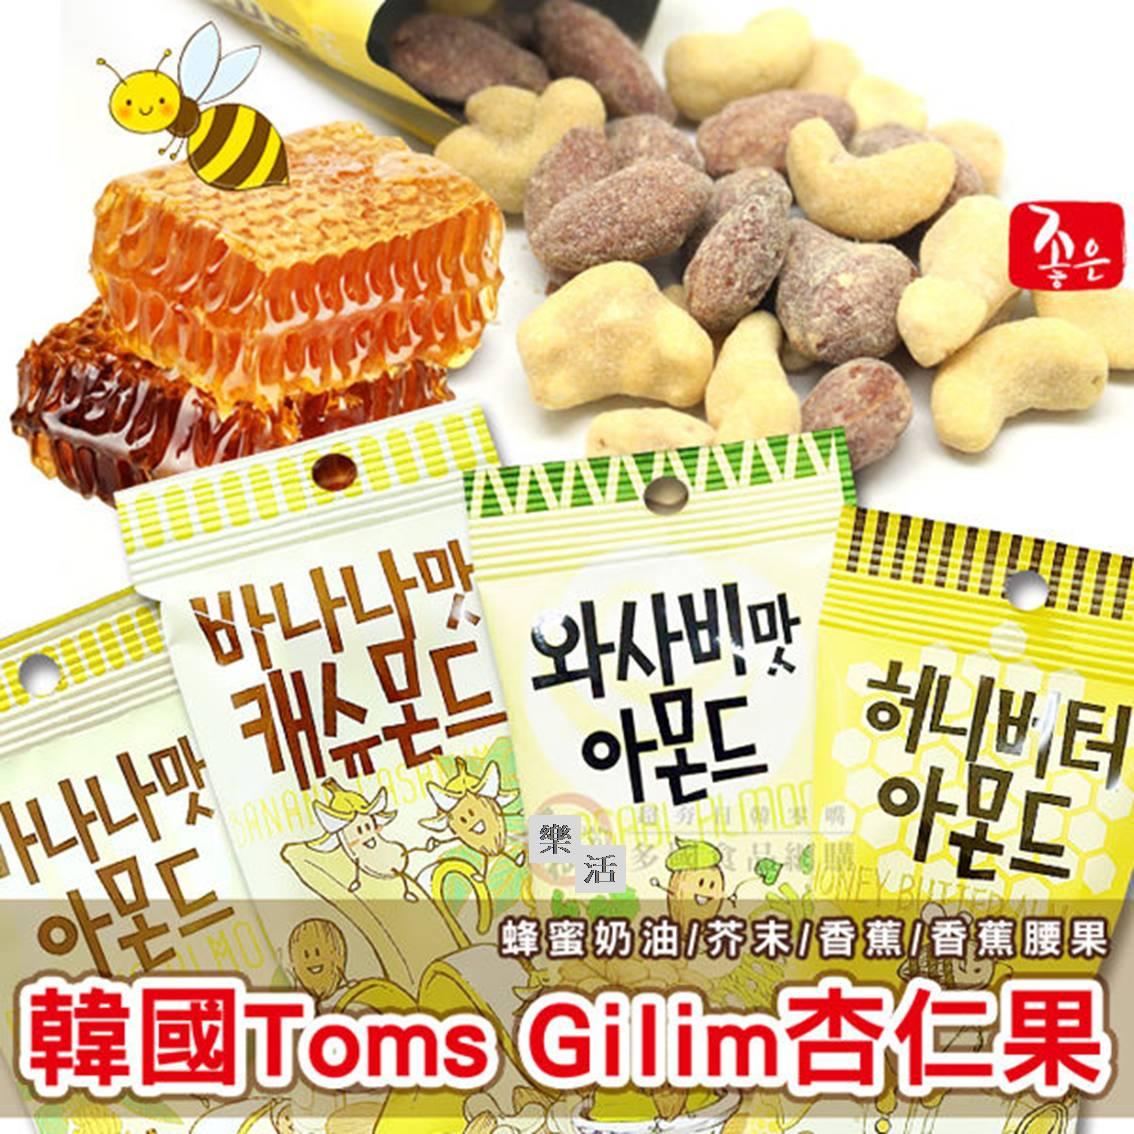 韓國TOM'蜜奶油杏仁果 /芥末杏仁果 /香蕉口味杏仁果 /香蕉腰果   【樂活生活館】